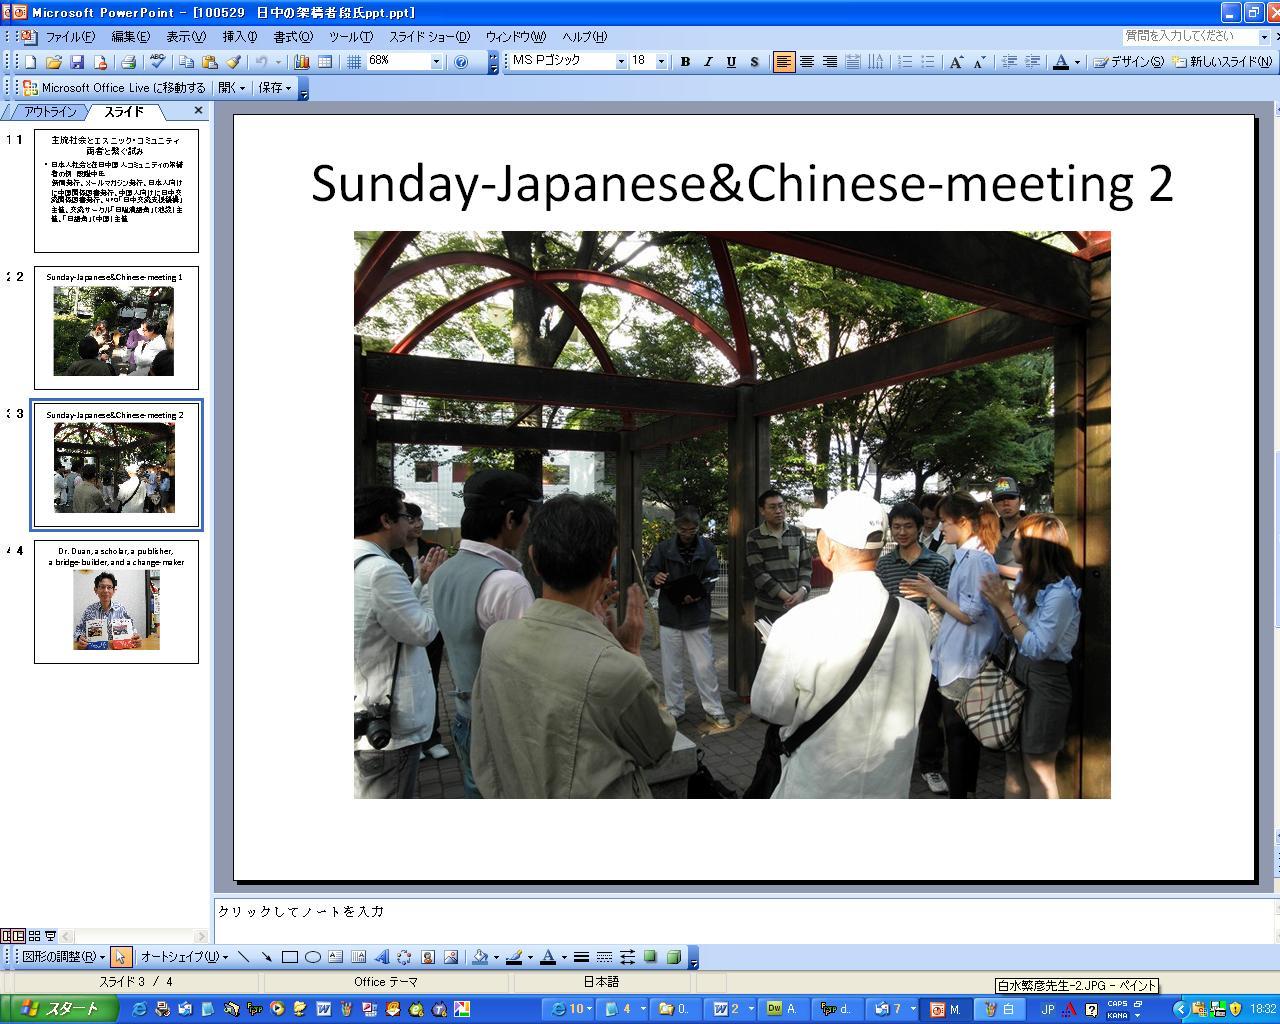 白水繁彦教授 オーストラリア学会主催の講演会で漢語角を紹介_d0027795_18355286.jpg